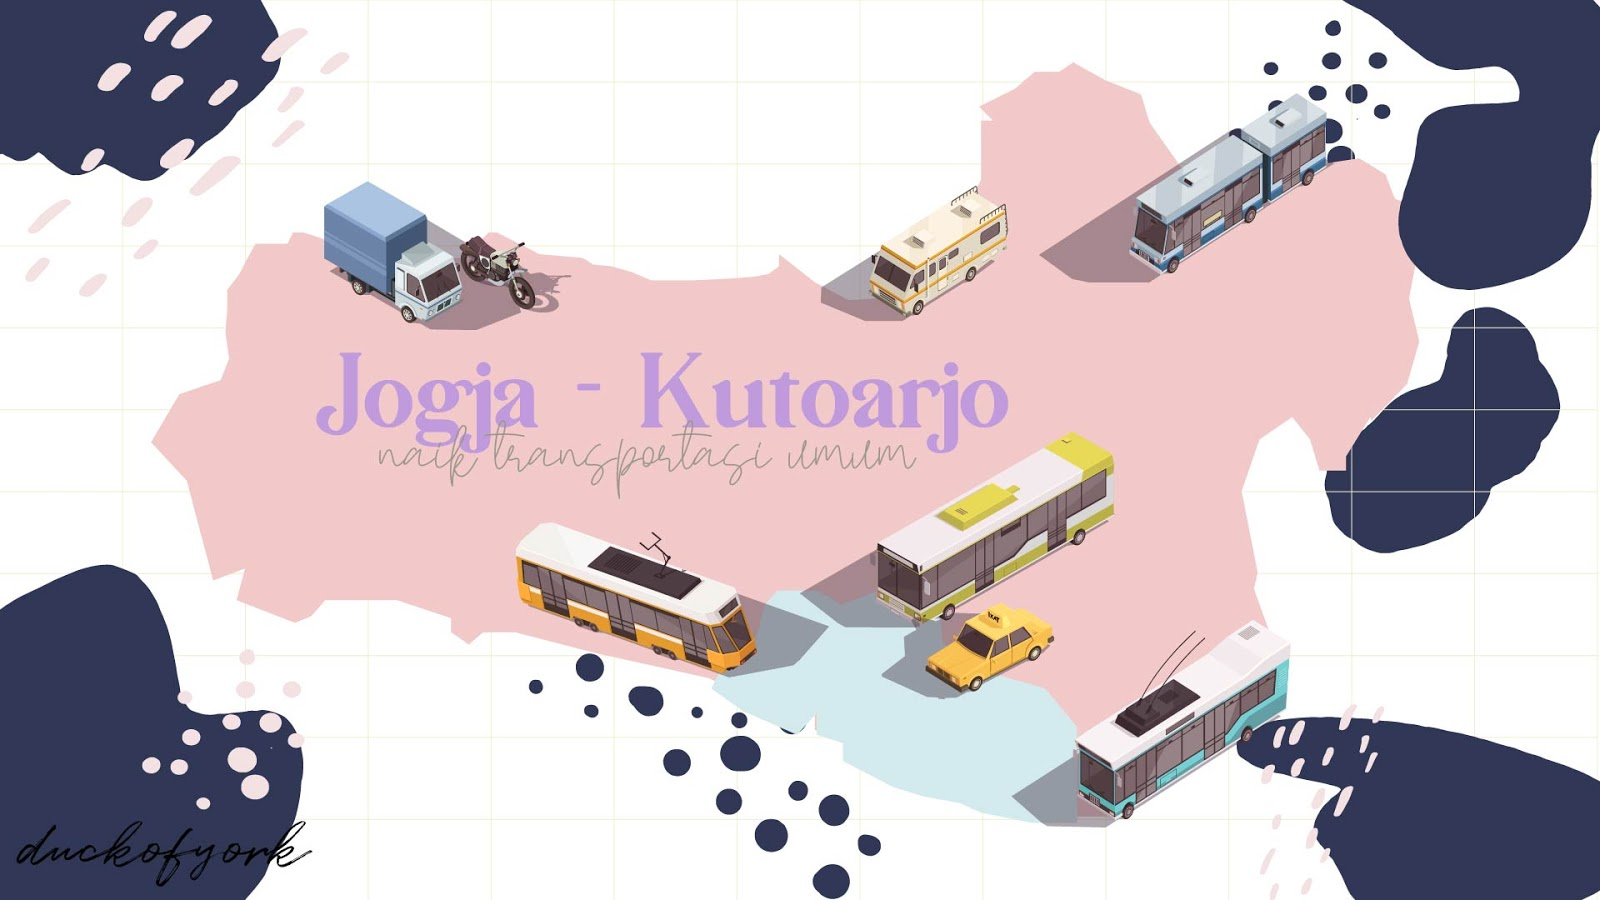 transportasi umum rute jogja-kutoarjo